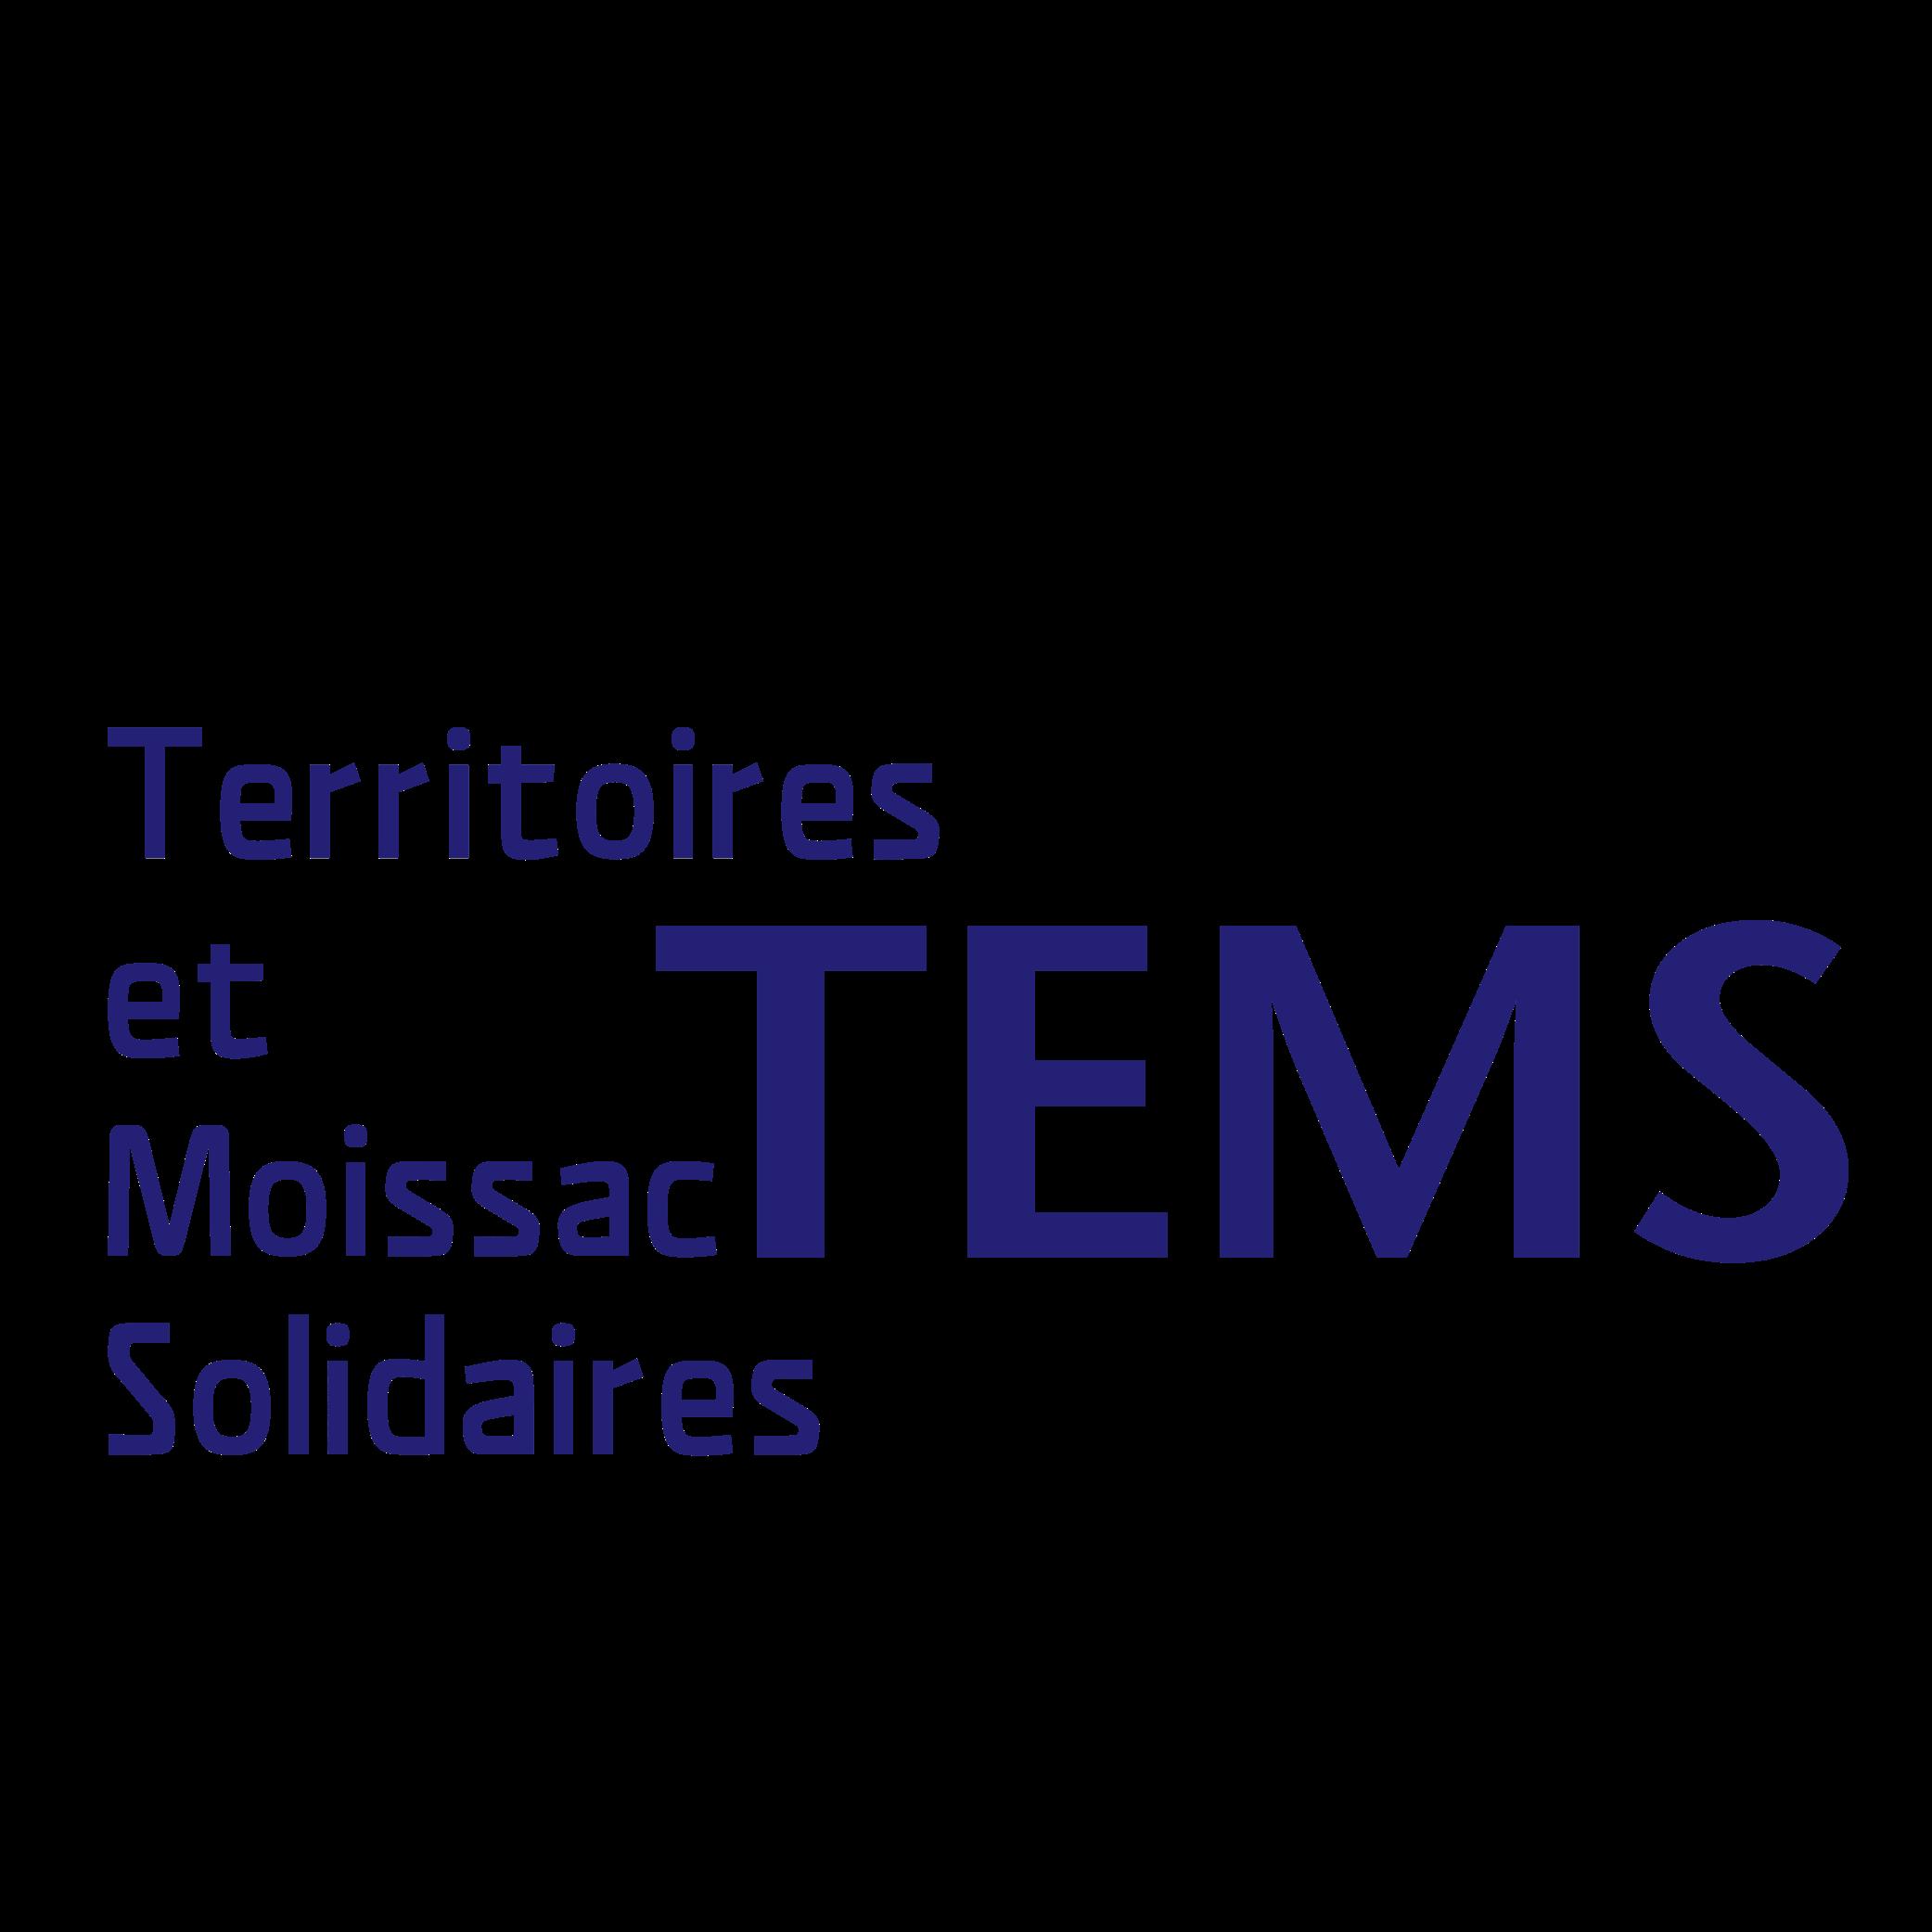 Territoires et Moissac Solidaires